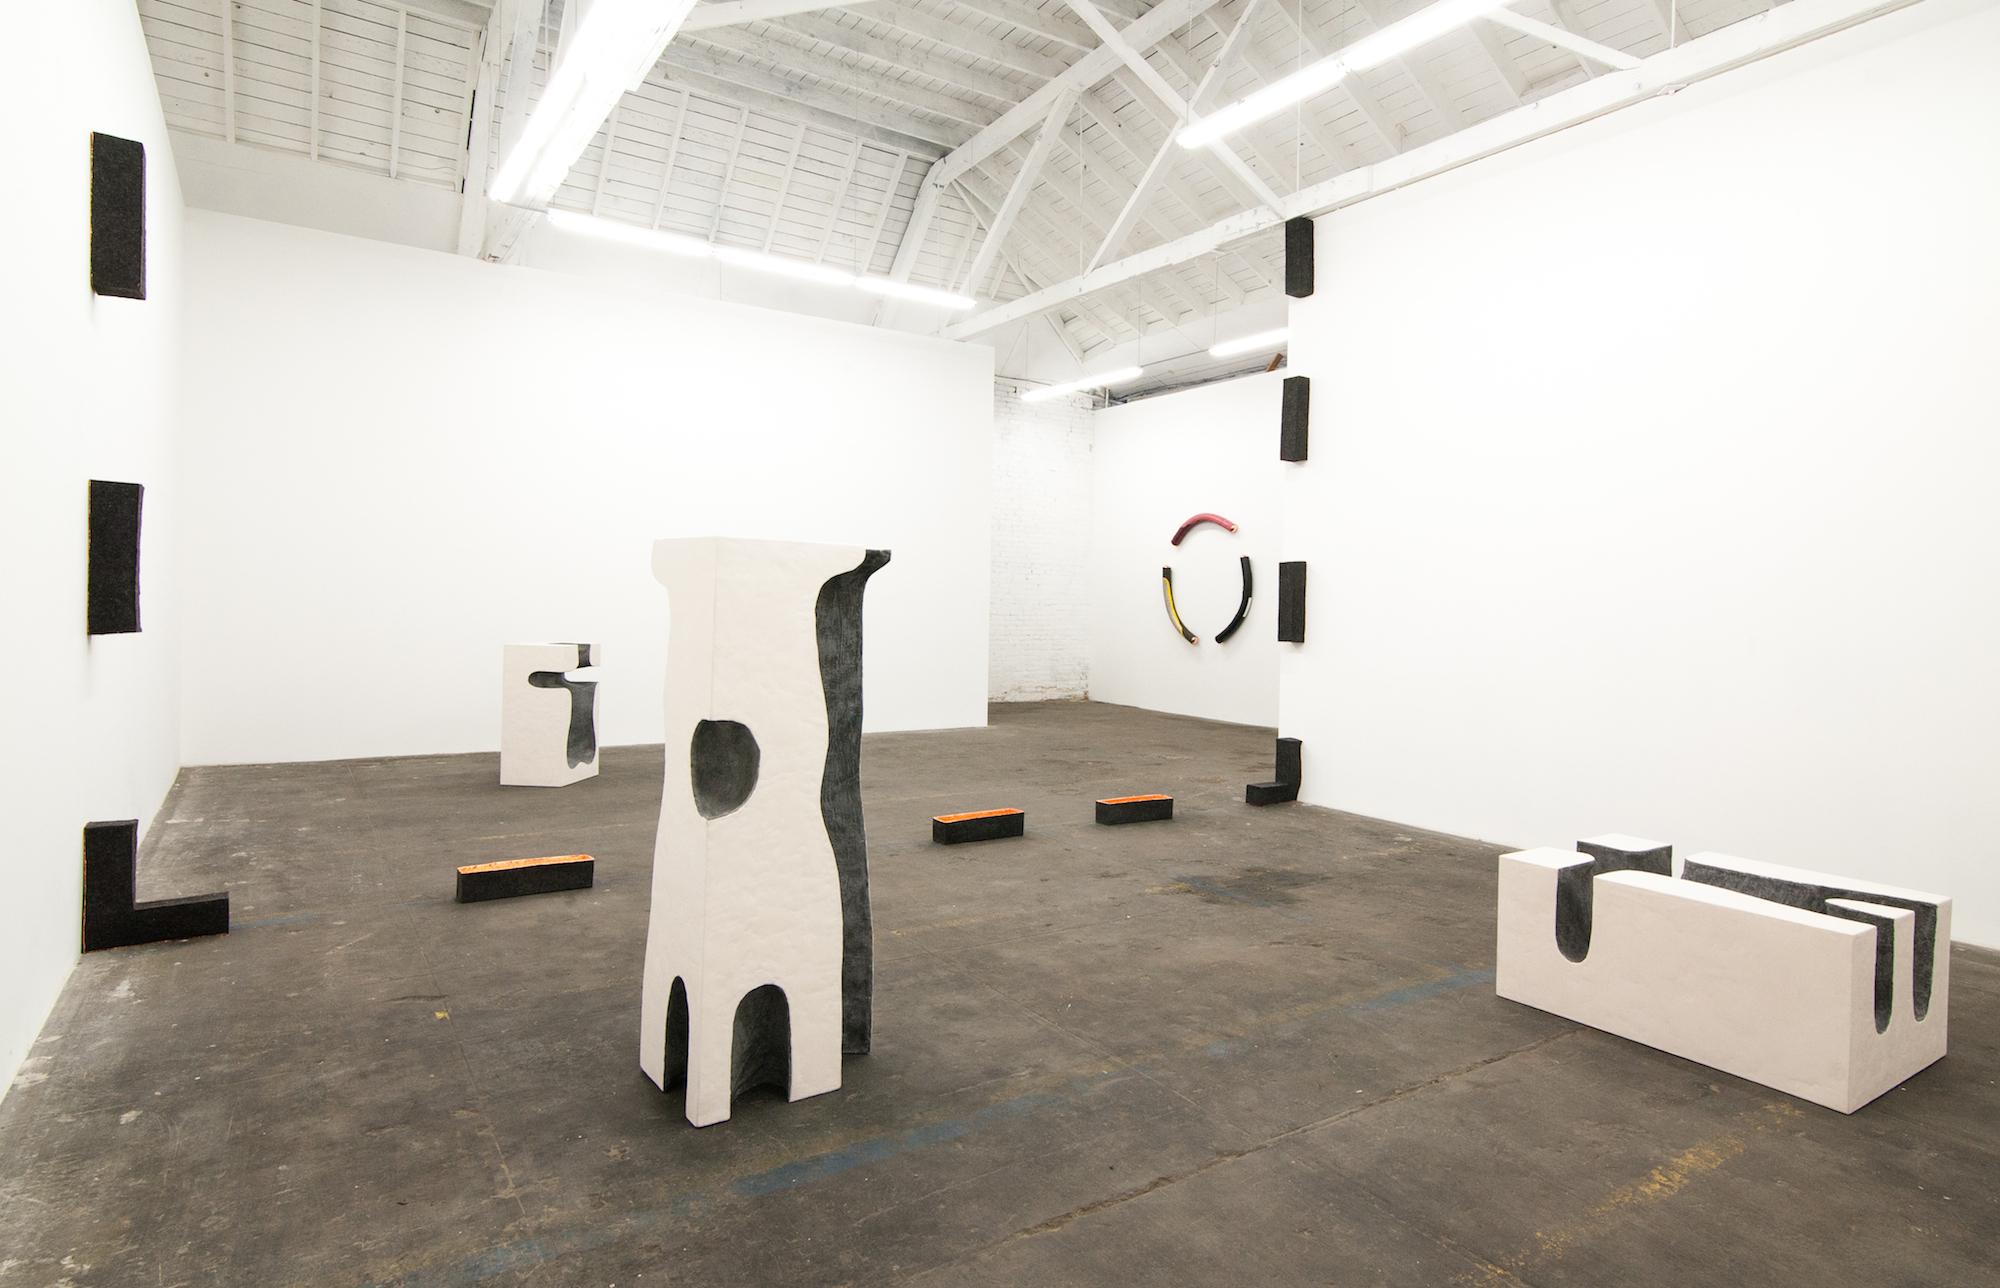 KAREN LOFGREN x ROBERT CROUCH - ARTIST TALK